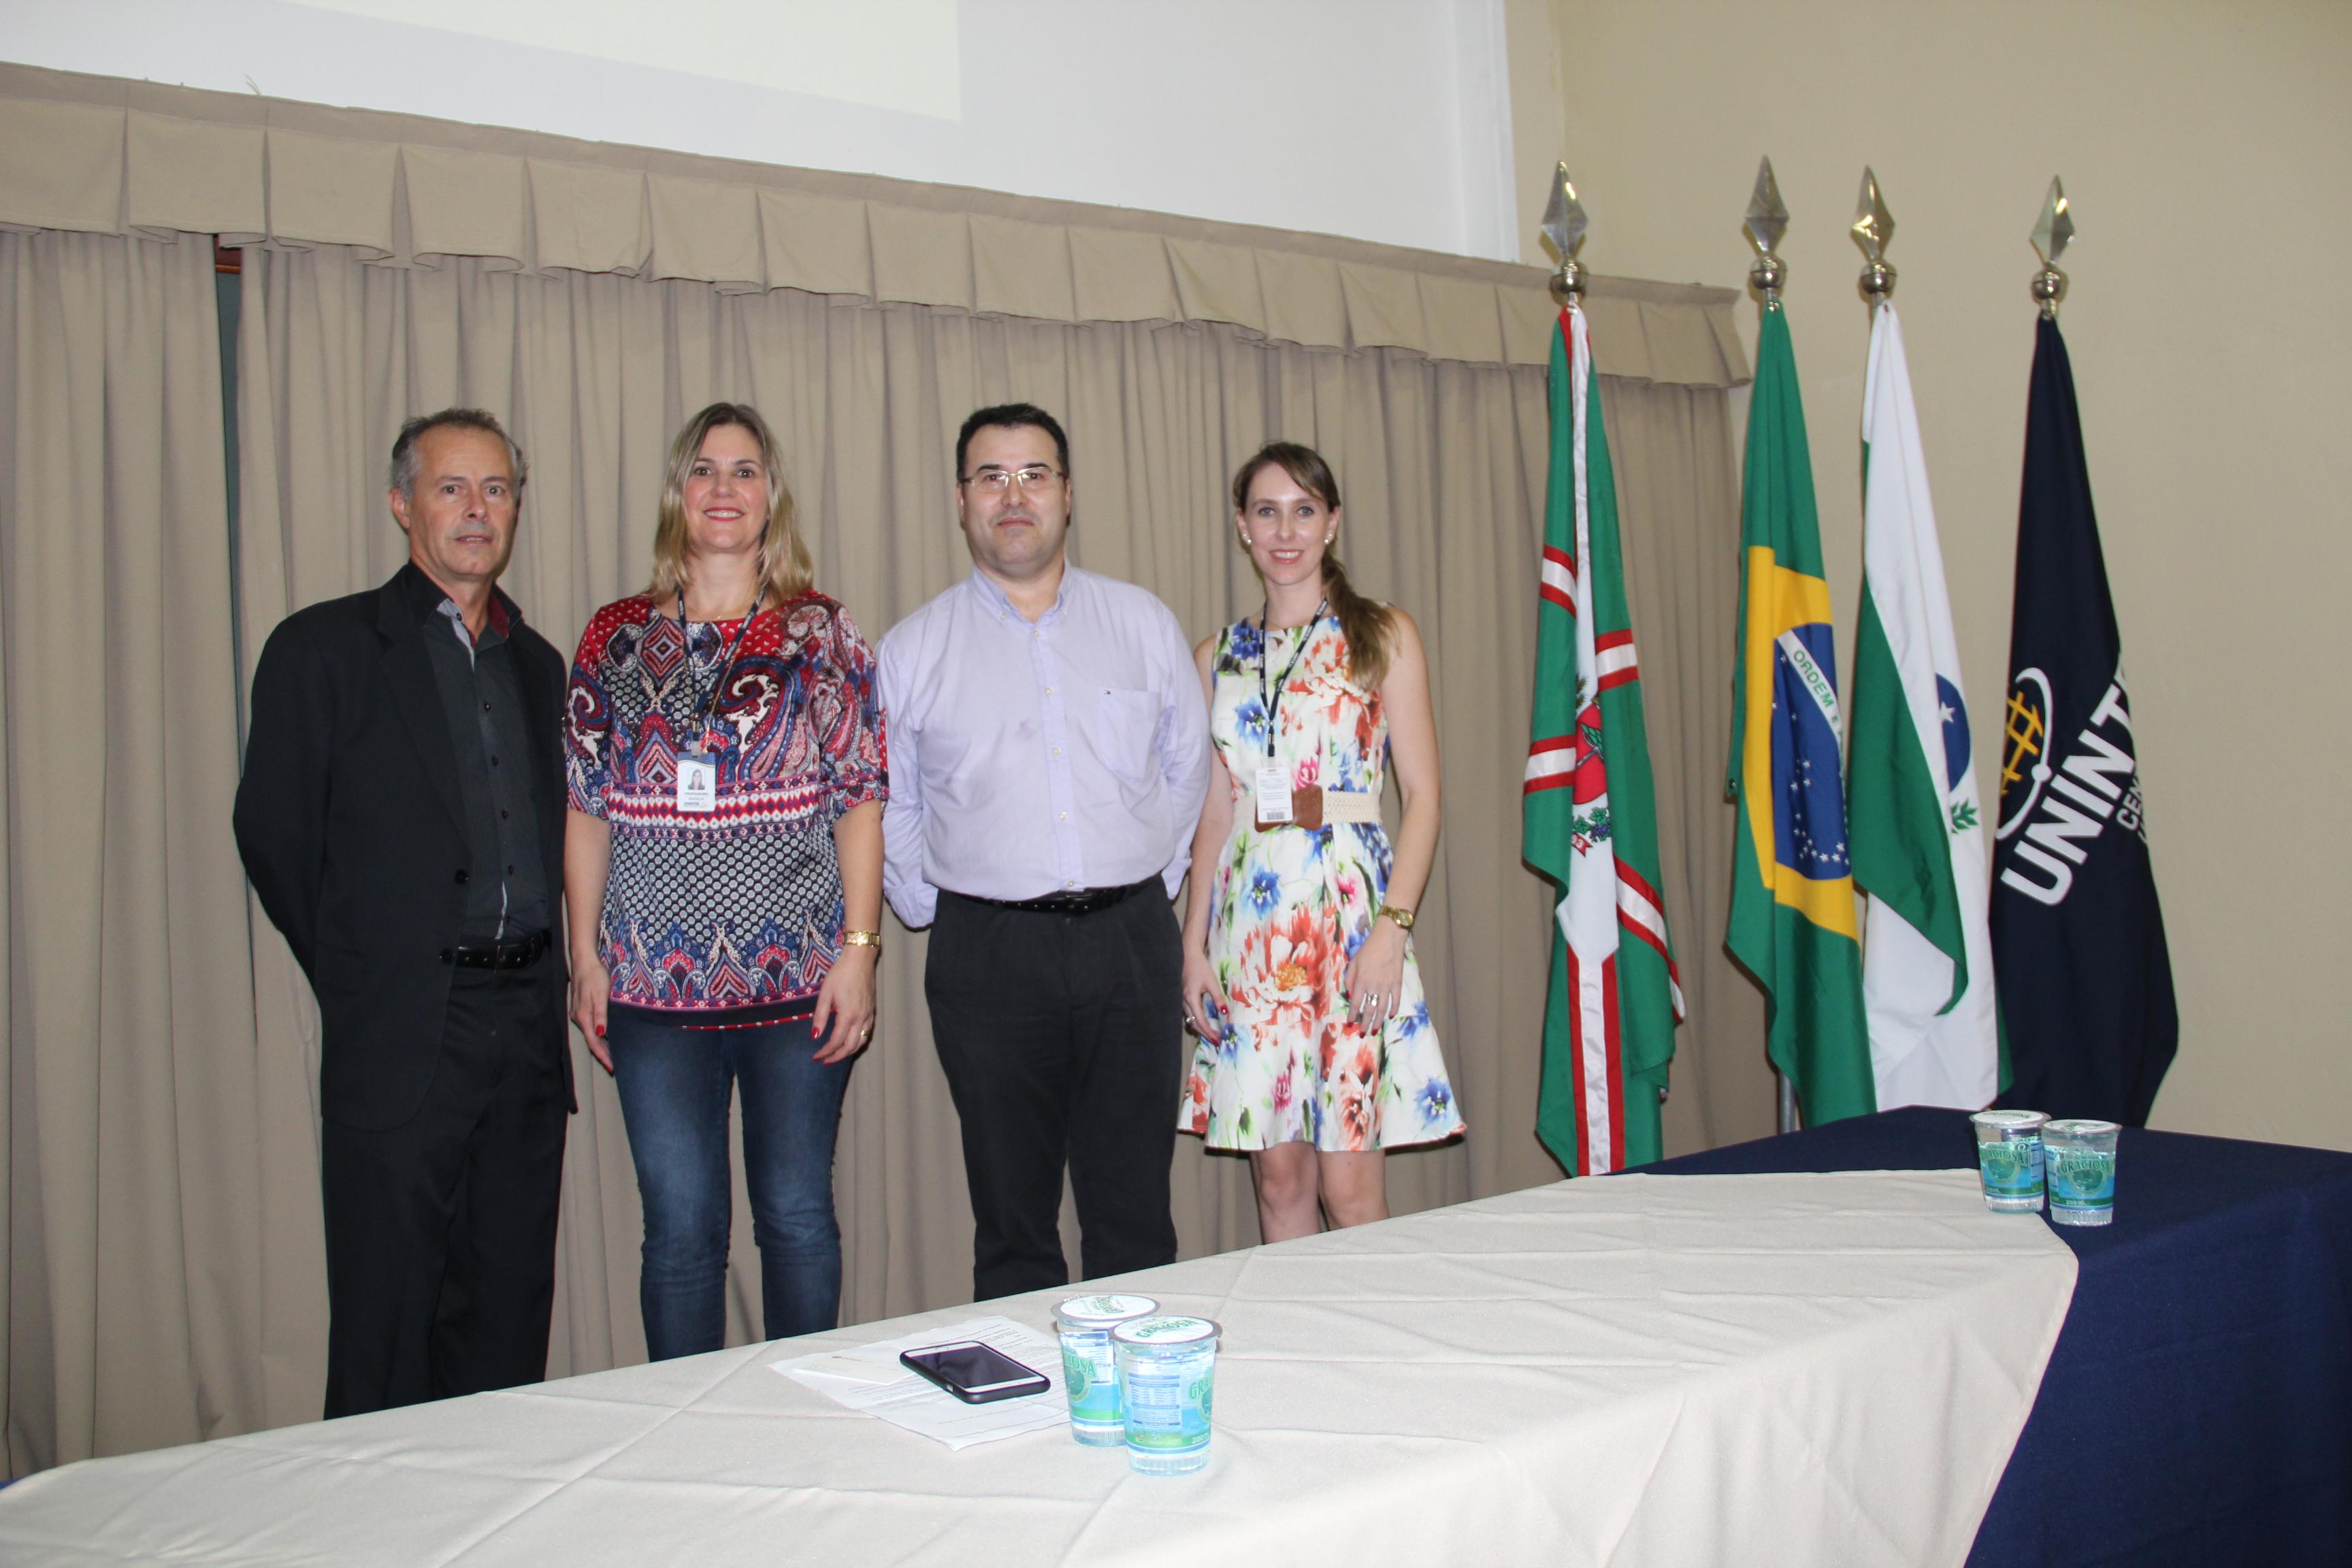 Professores do curso de Comércio Exterior da UNINTER e palestrante convidado.